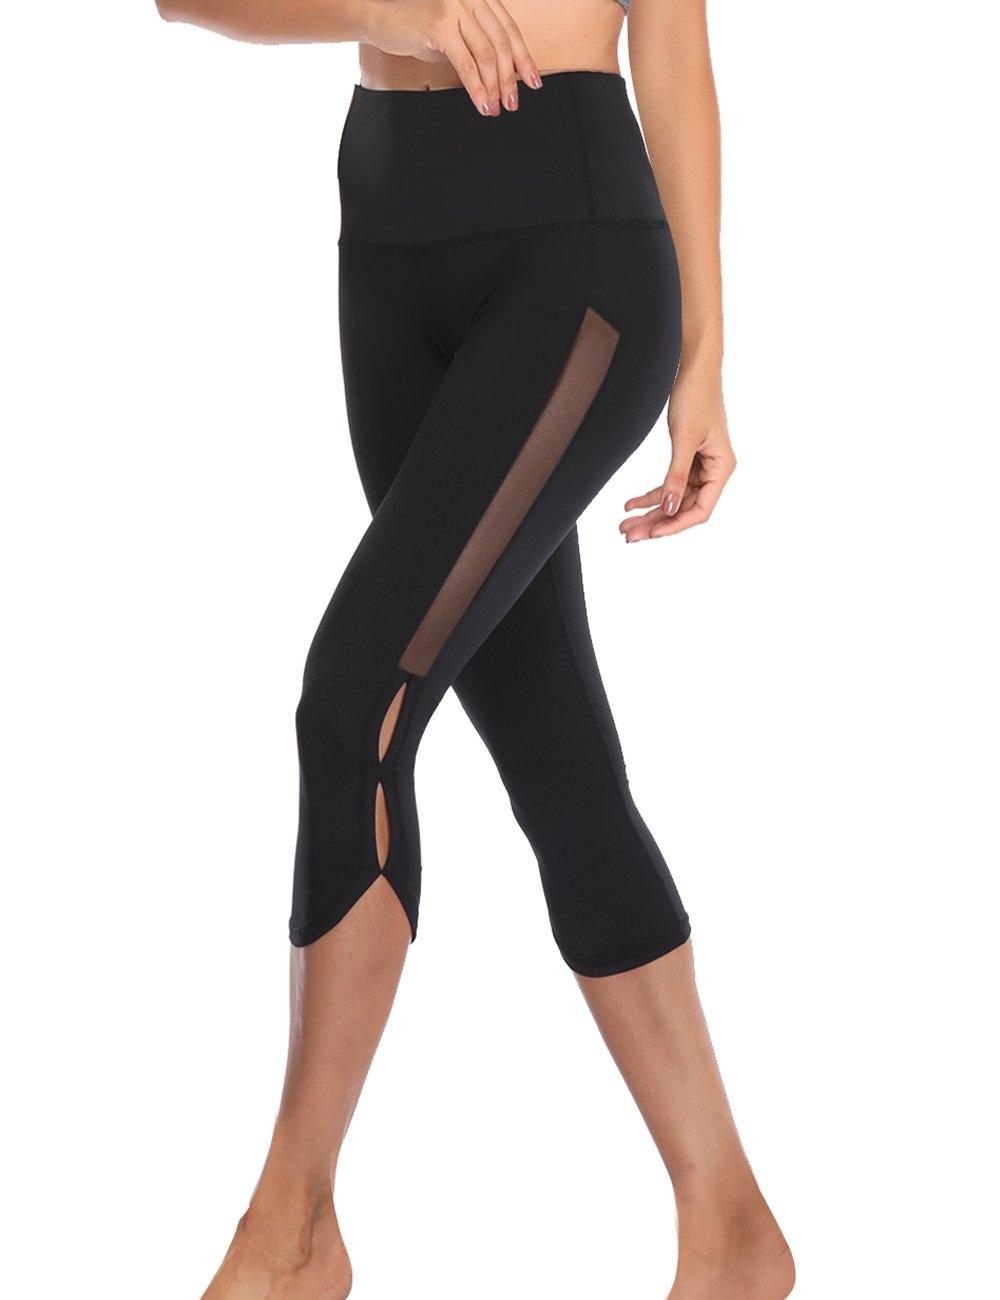 TELALEO Yoga Pants for Women with Pocket, High Waisted Mesh Workout Running Exercise Capri Leggings Pants Black Medium